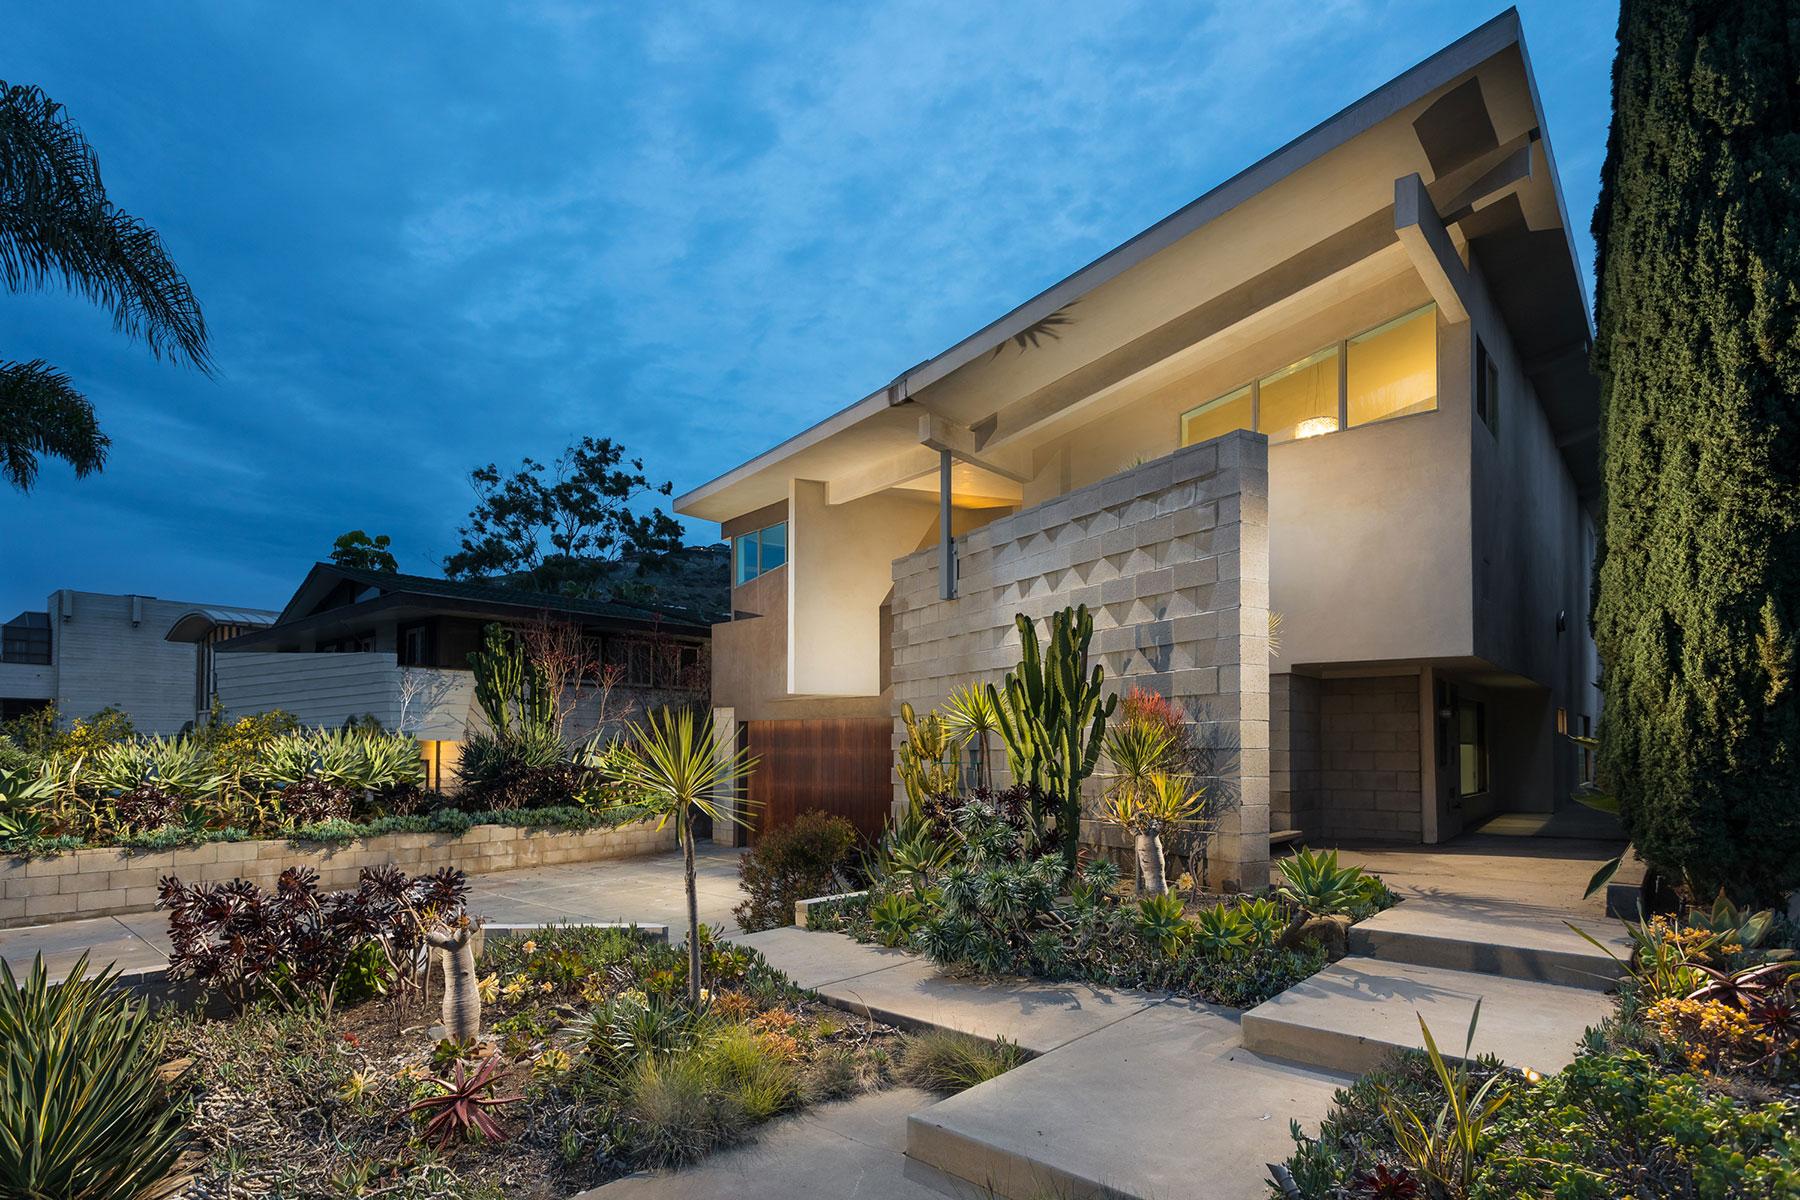 Einfamilienhaus für Verkauf beim 32416 Coast Hwy Laguna Beach, Kalifornien, 92651 Vereinigte Staaten